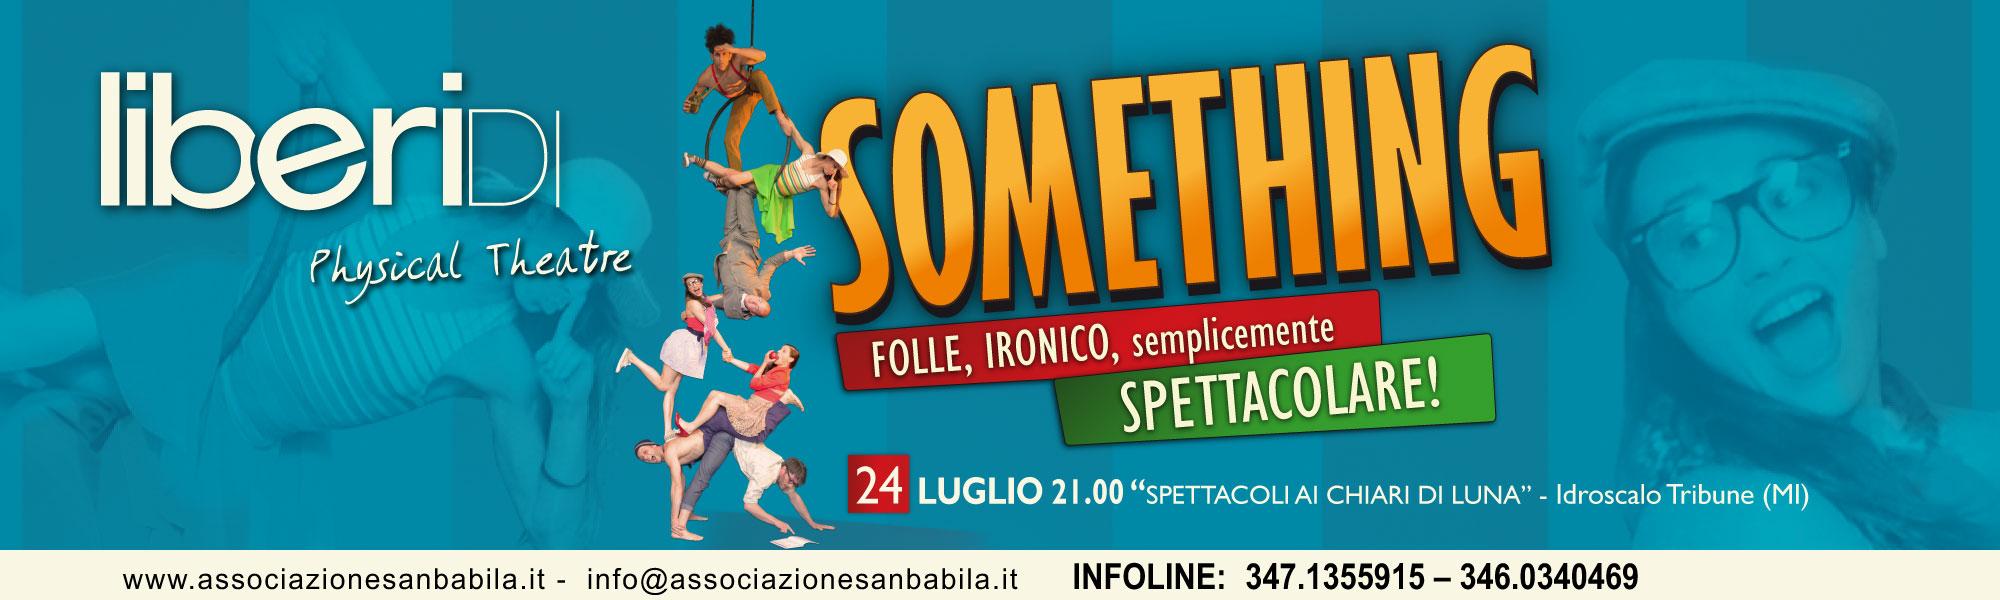 Something ai Chiari di Luna - 24 Luglio, Idroscalo Milano